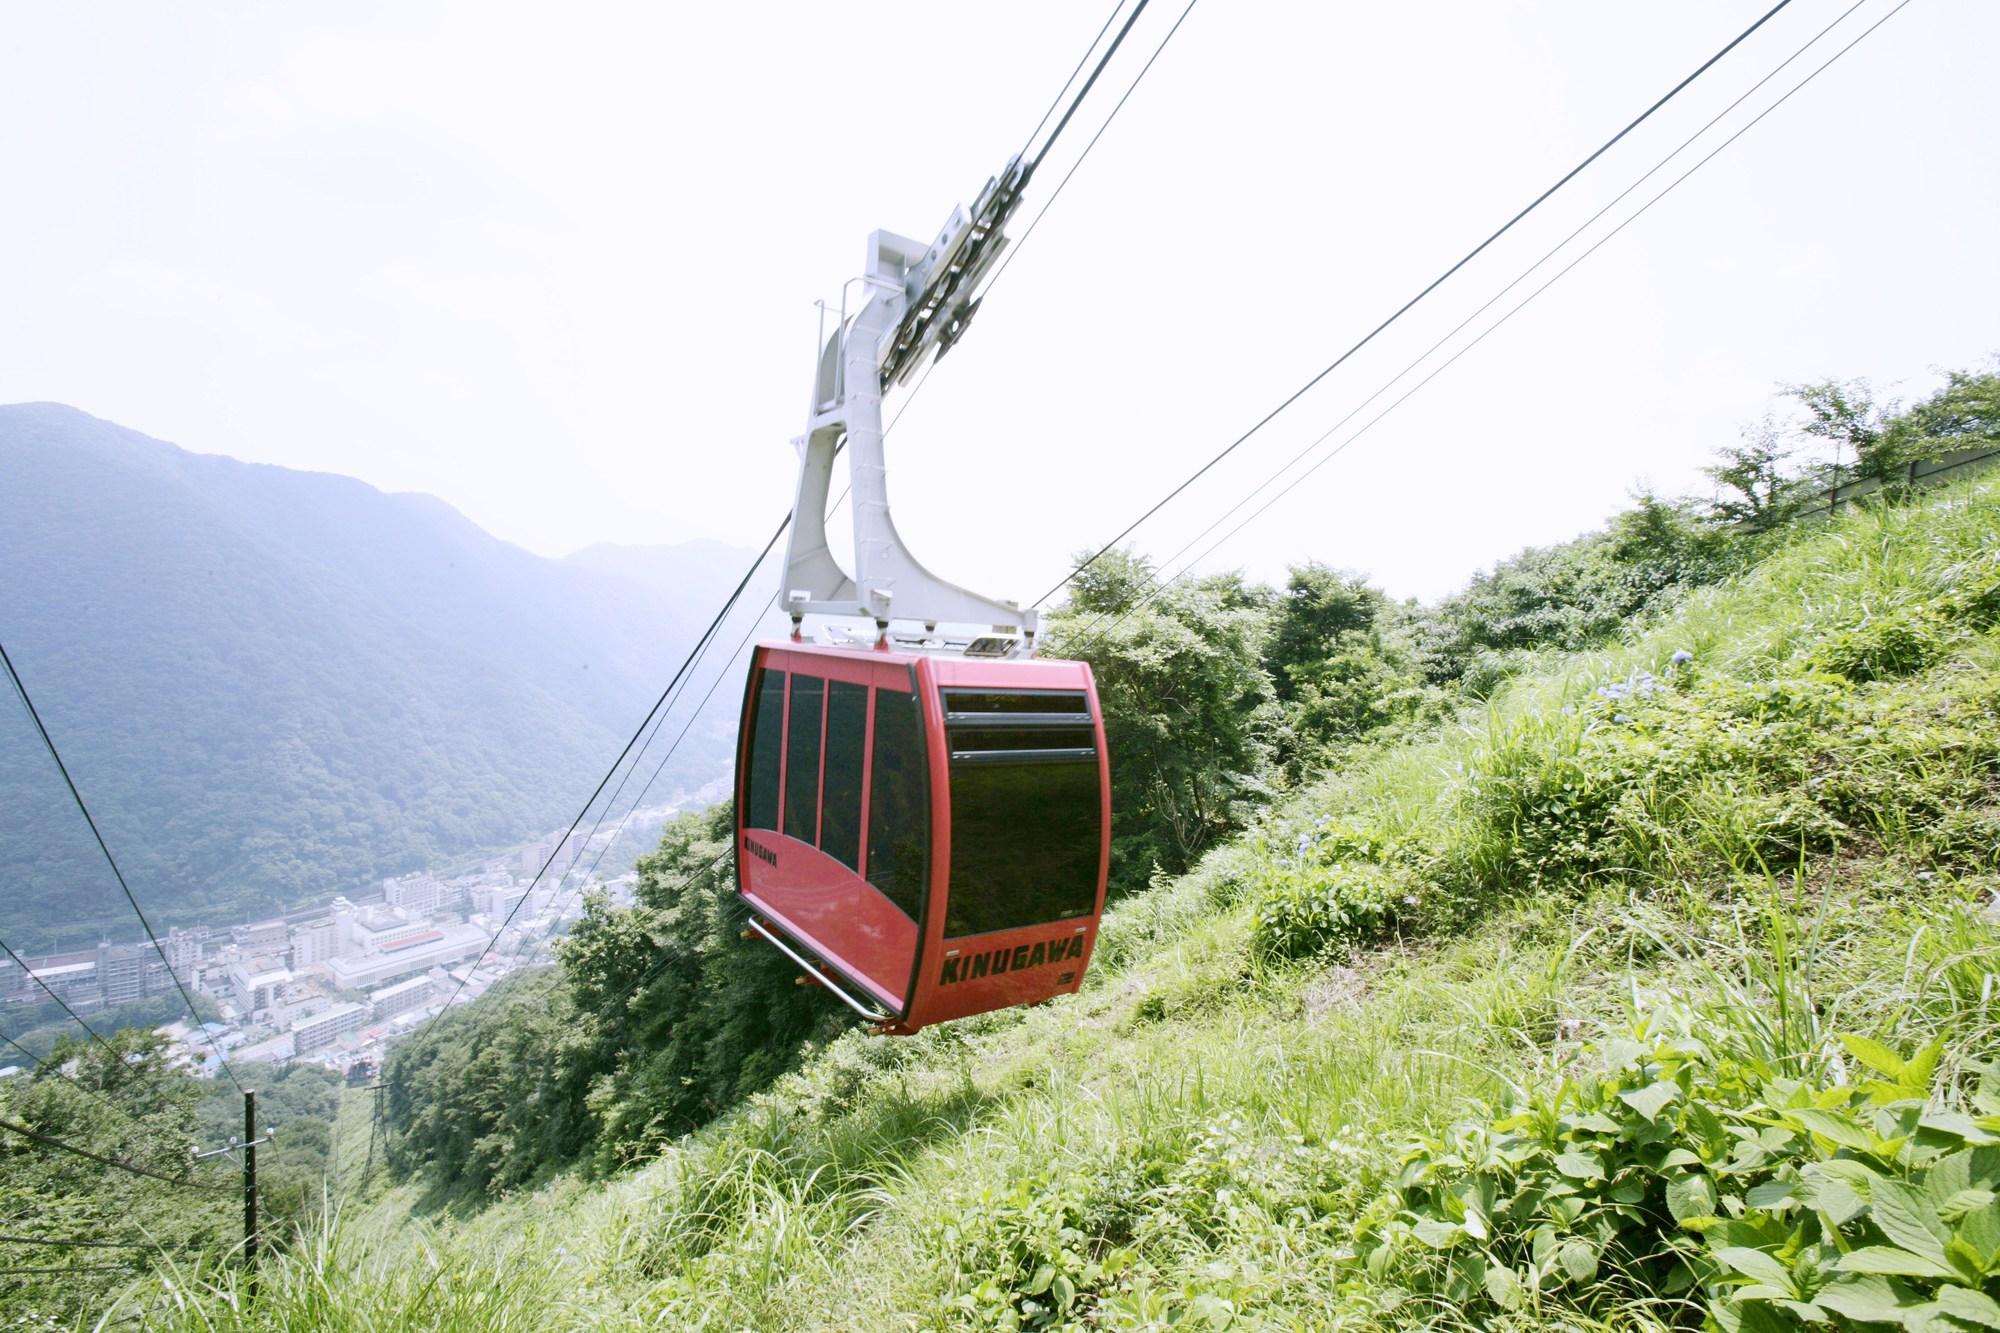 鬼怒川ロープウェイで絶景を楽しもう!おさるの山で温泉神社のご利益を!